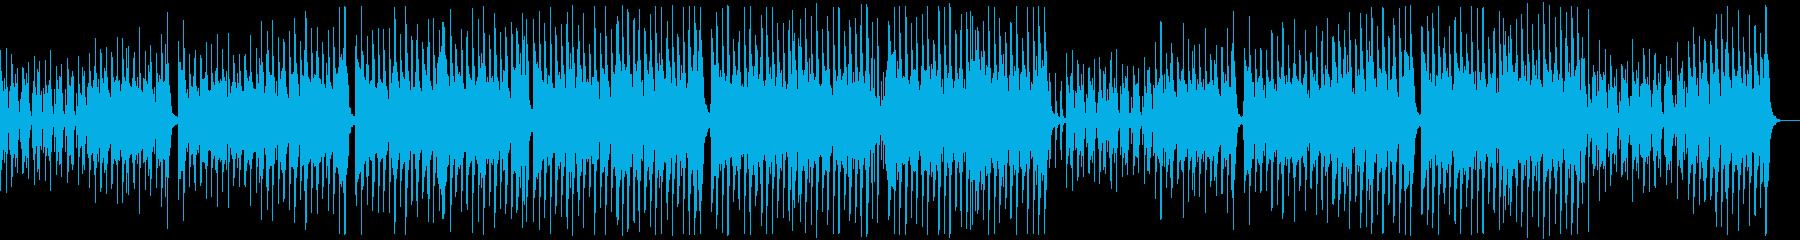 のんびり楽しいレゲエポップの再生済みの波形